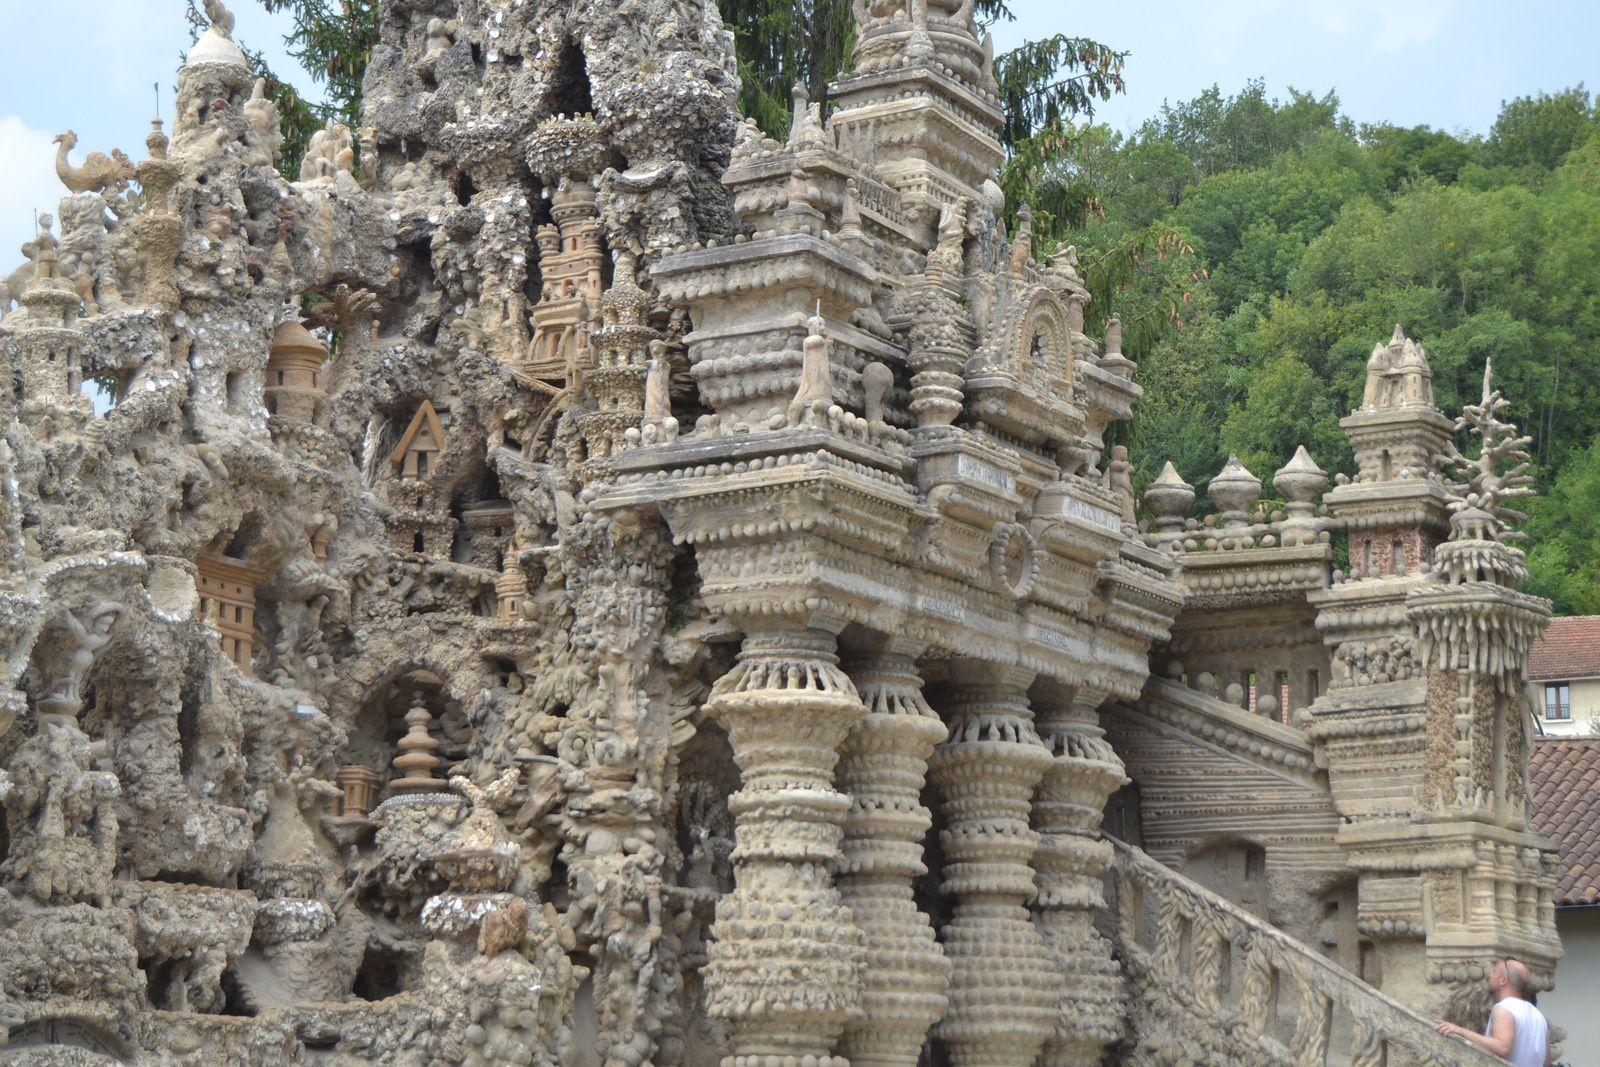 Au dessus du Tombeau Egyptien de petites niches abritent des pagodes et des temples orientaux qui semblent nous inviter à un voyage initiatique. Ces constructions sont le reflet des lectures dont Ferdinand Cheval s'inspirait volontiers.